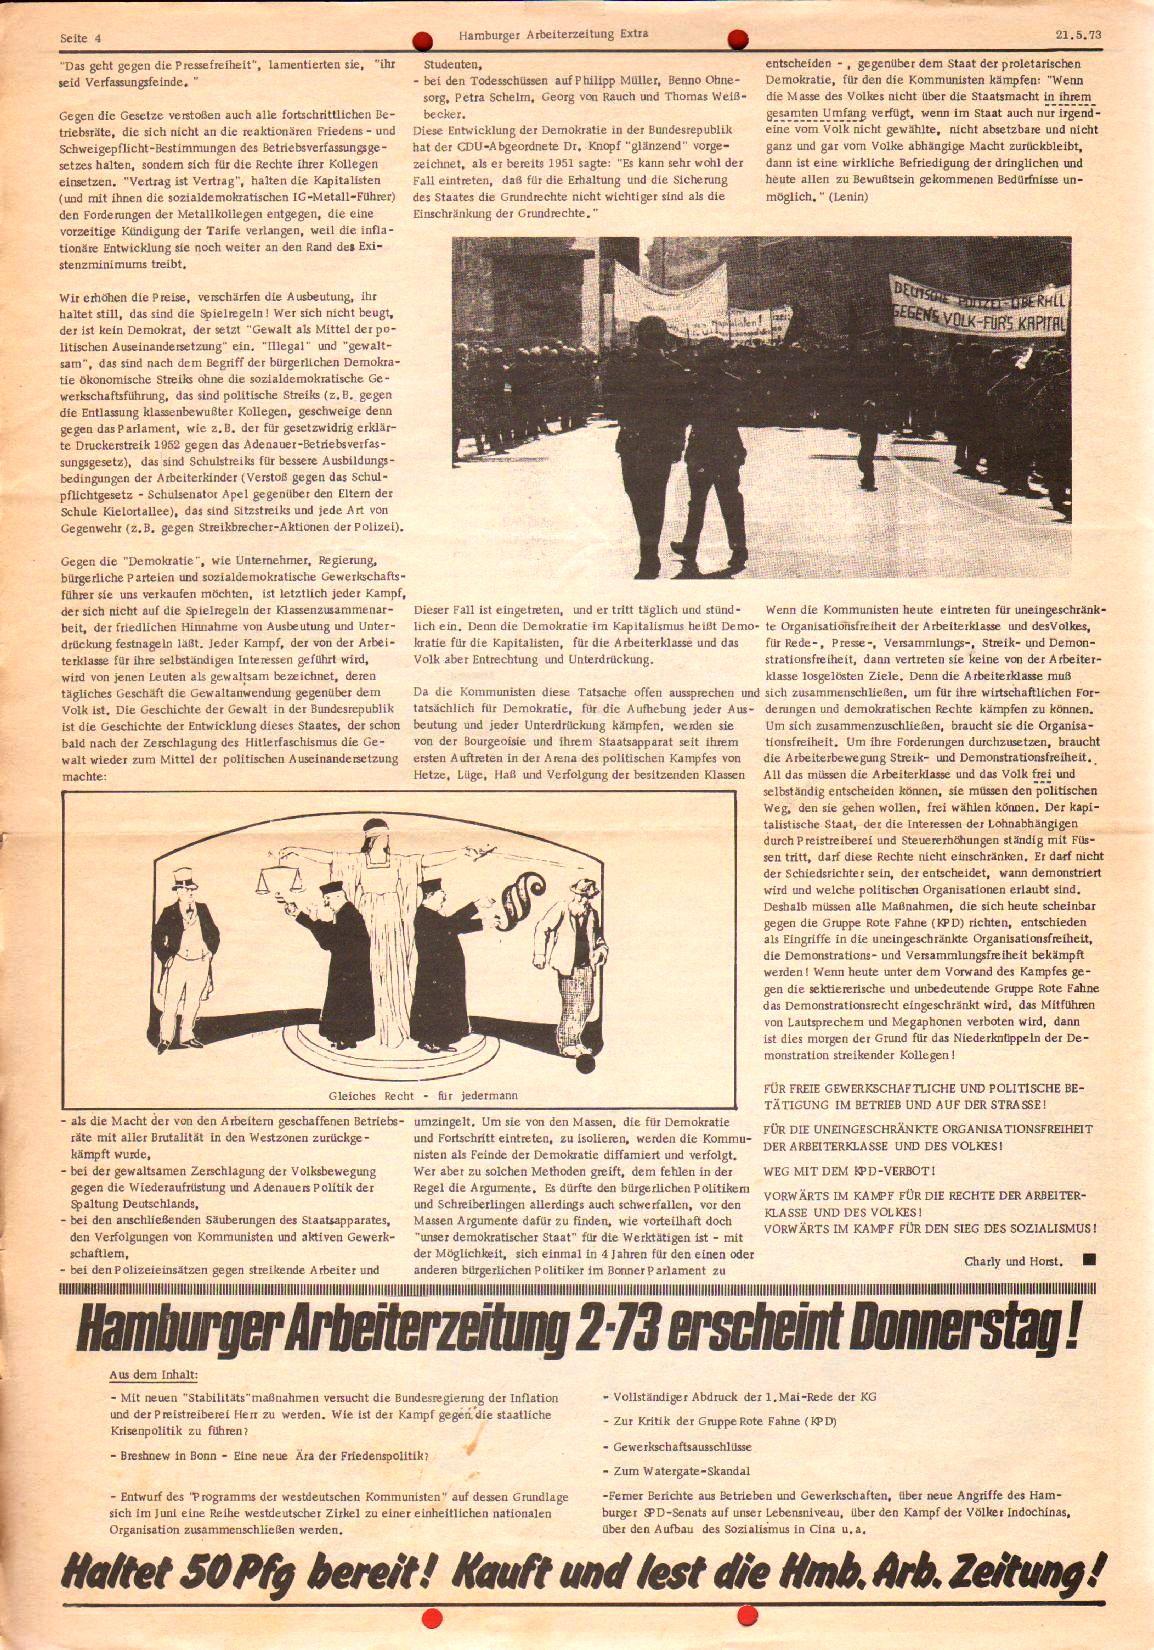 Hamburger_Arbeiterzeitung028